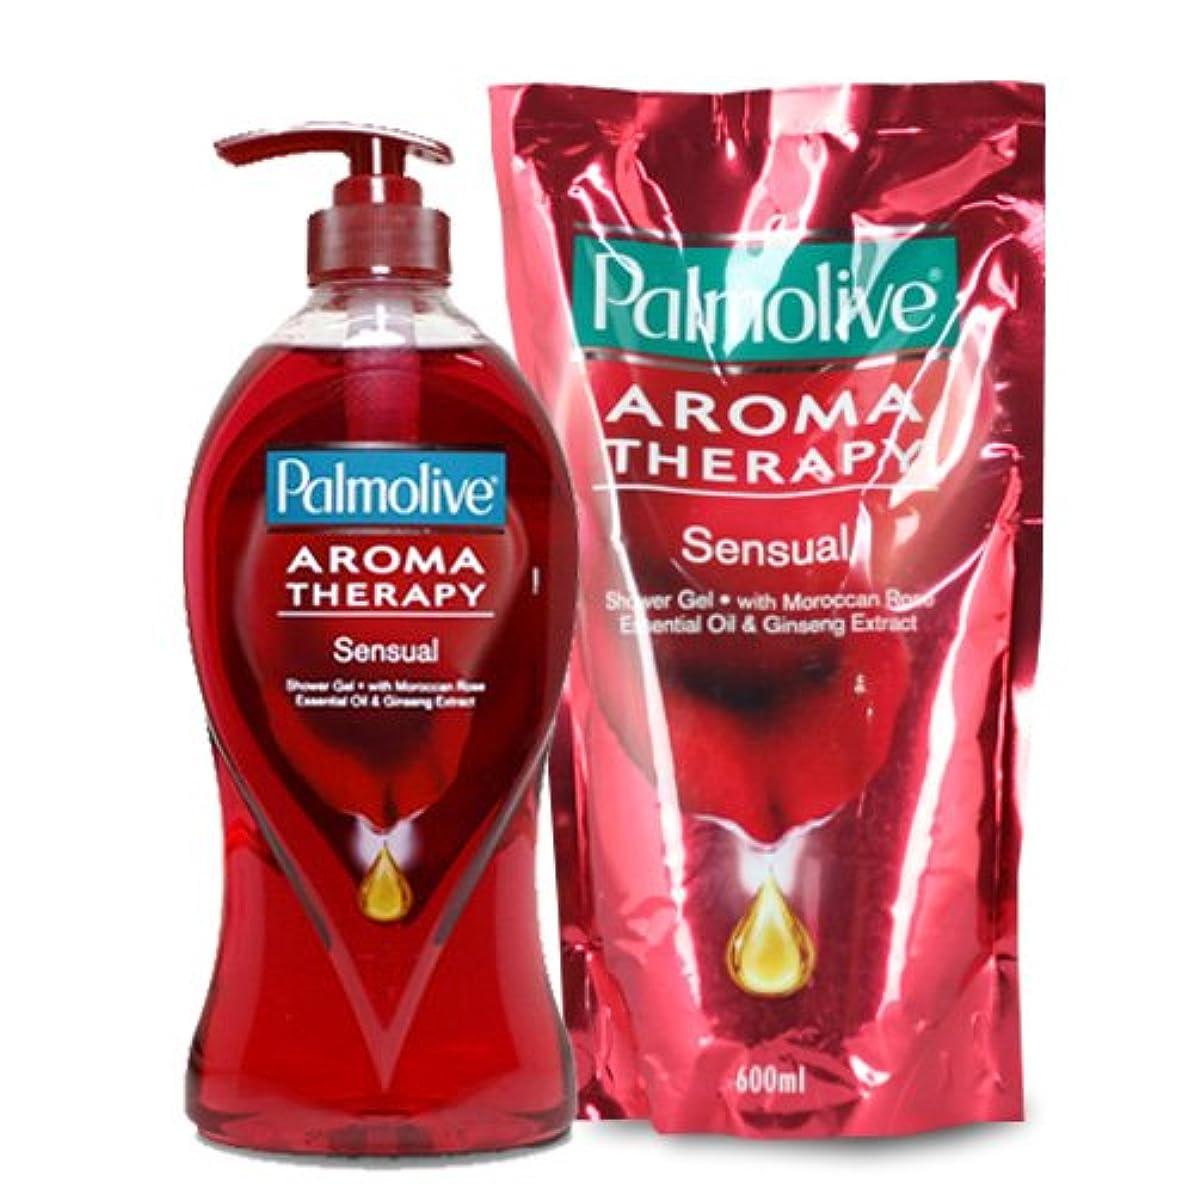 ファイバボールまともな【Palmolive】パルモリーブ アロマセラピーシャワージェル ボトルと詰め替えのセット (センシャル)